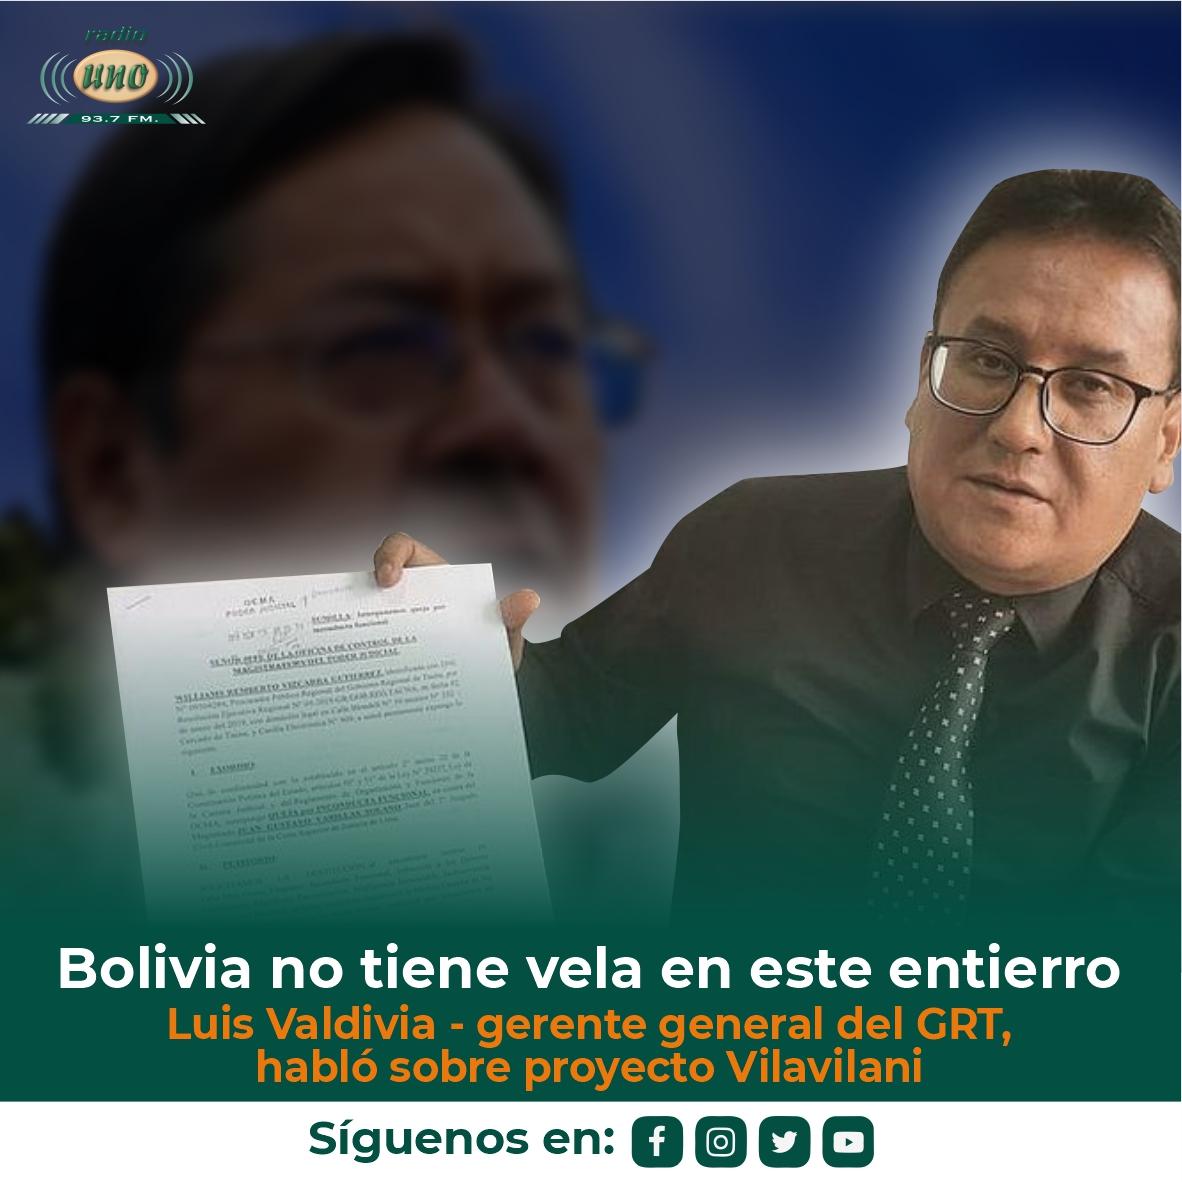 Luis Valdivia, gerente general del GRT, habló sobre proyecto Vilavilani y dijo que Bolivia no tiene vela en este entierro